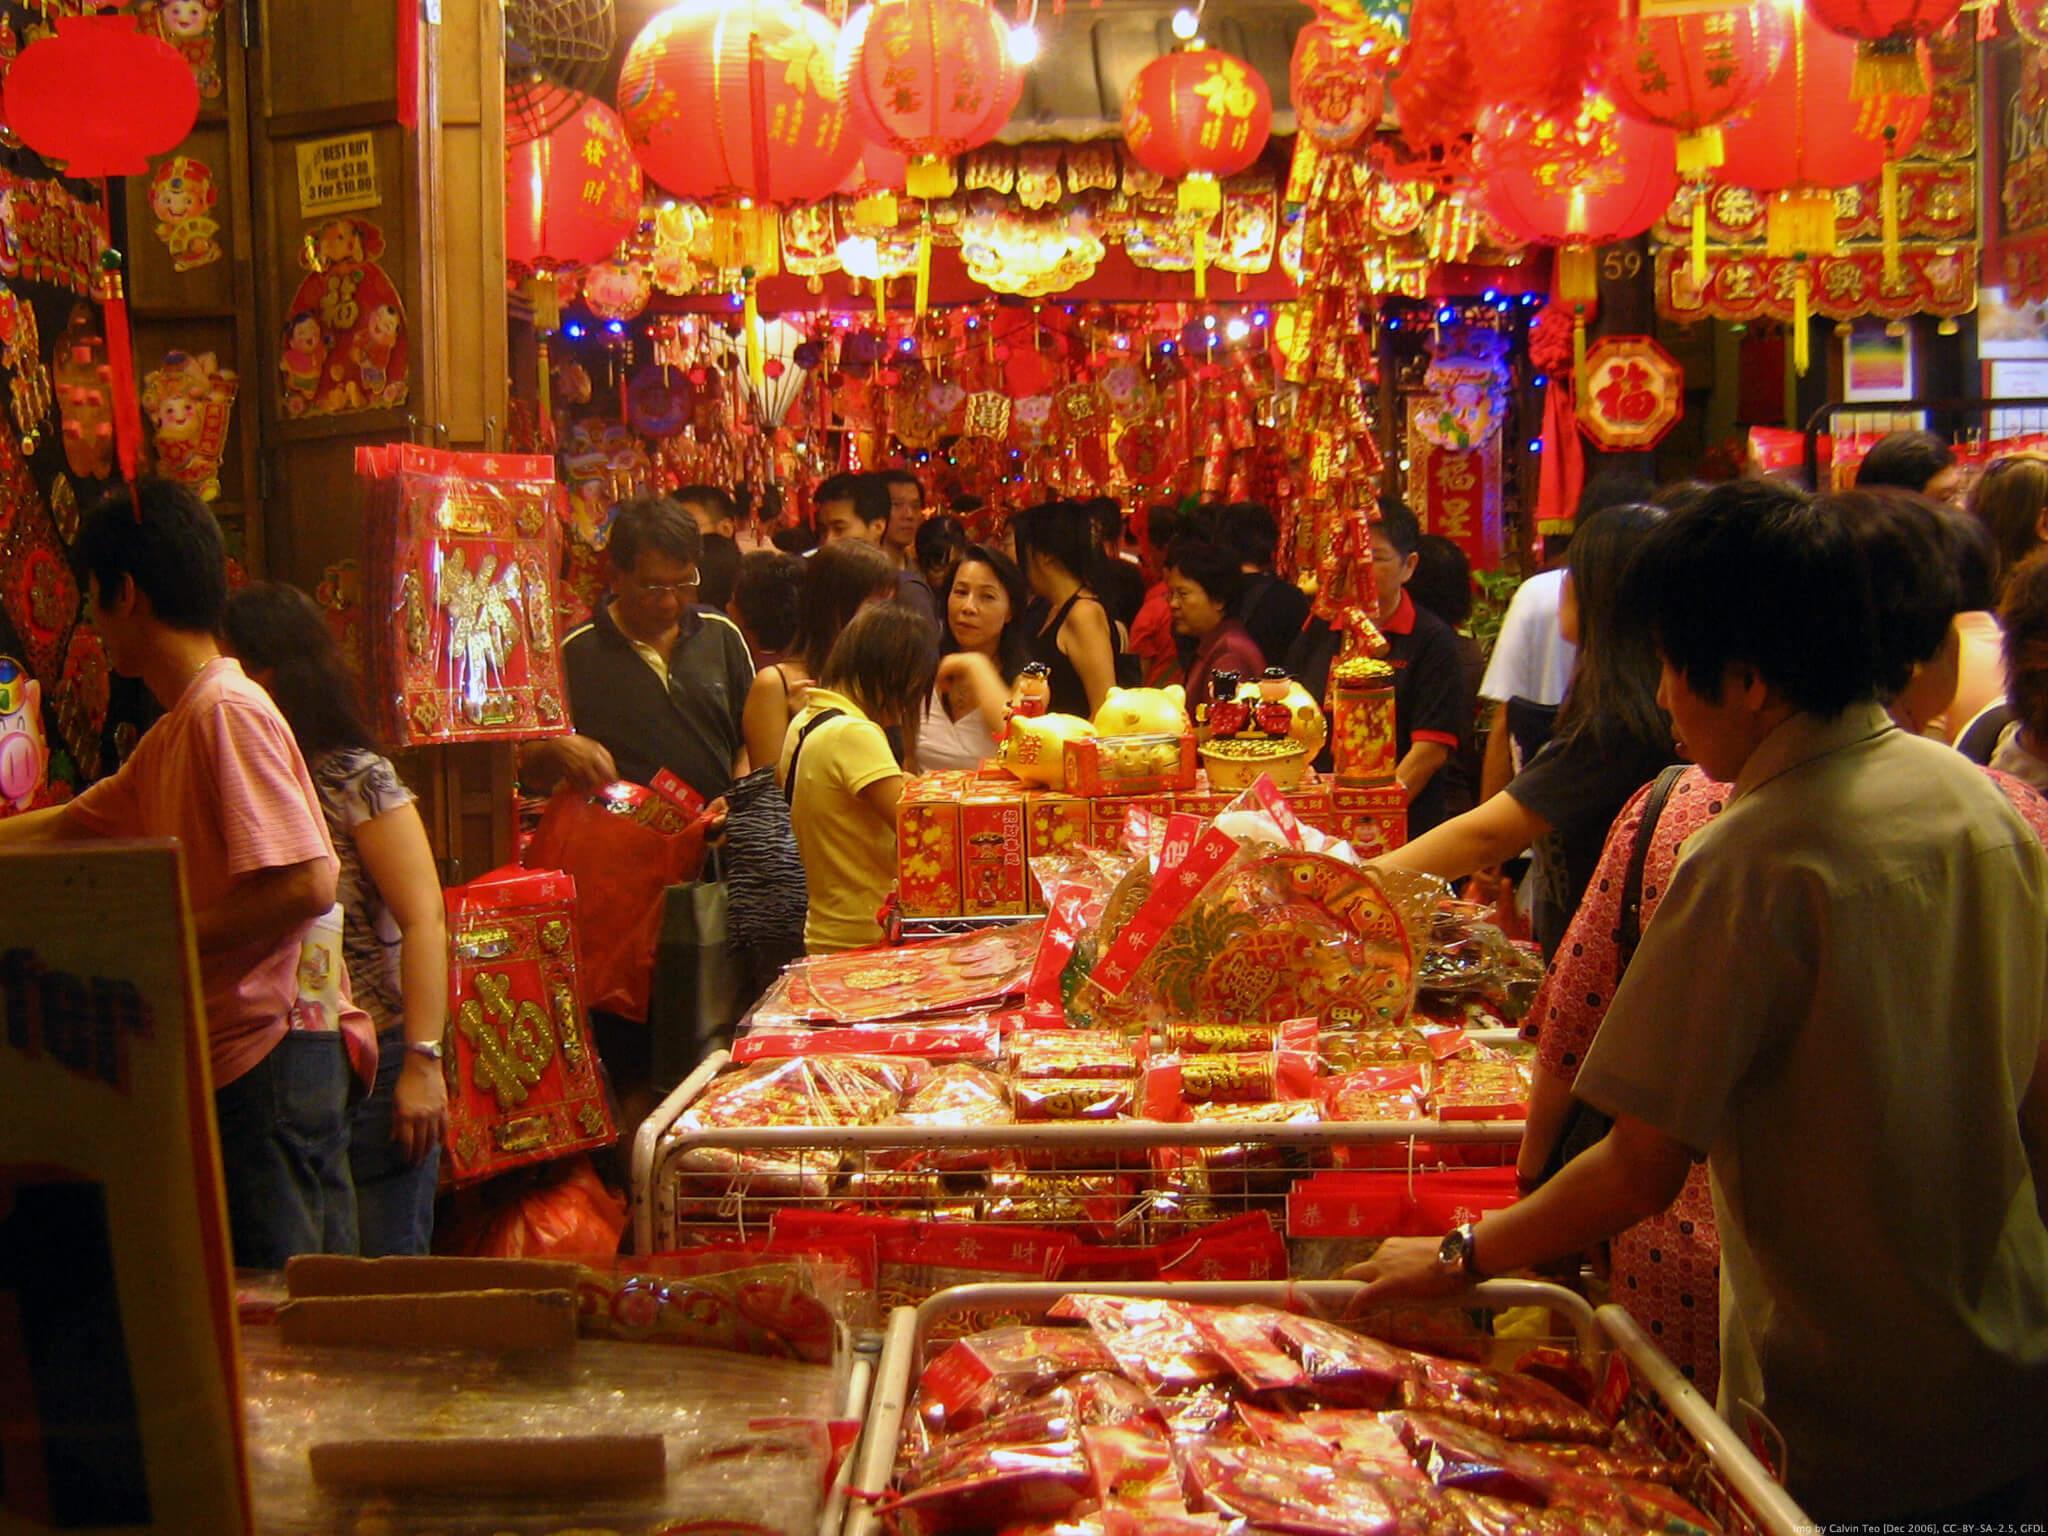 Çin Gezi Rehberi - Pazarlık